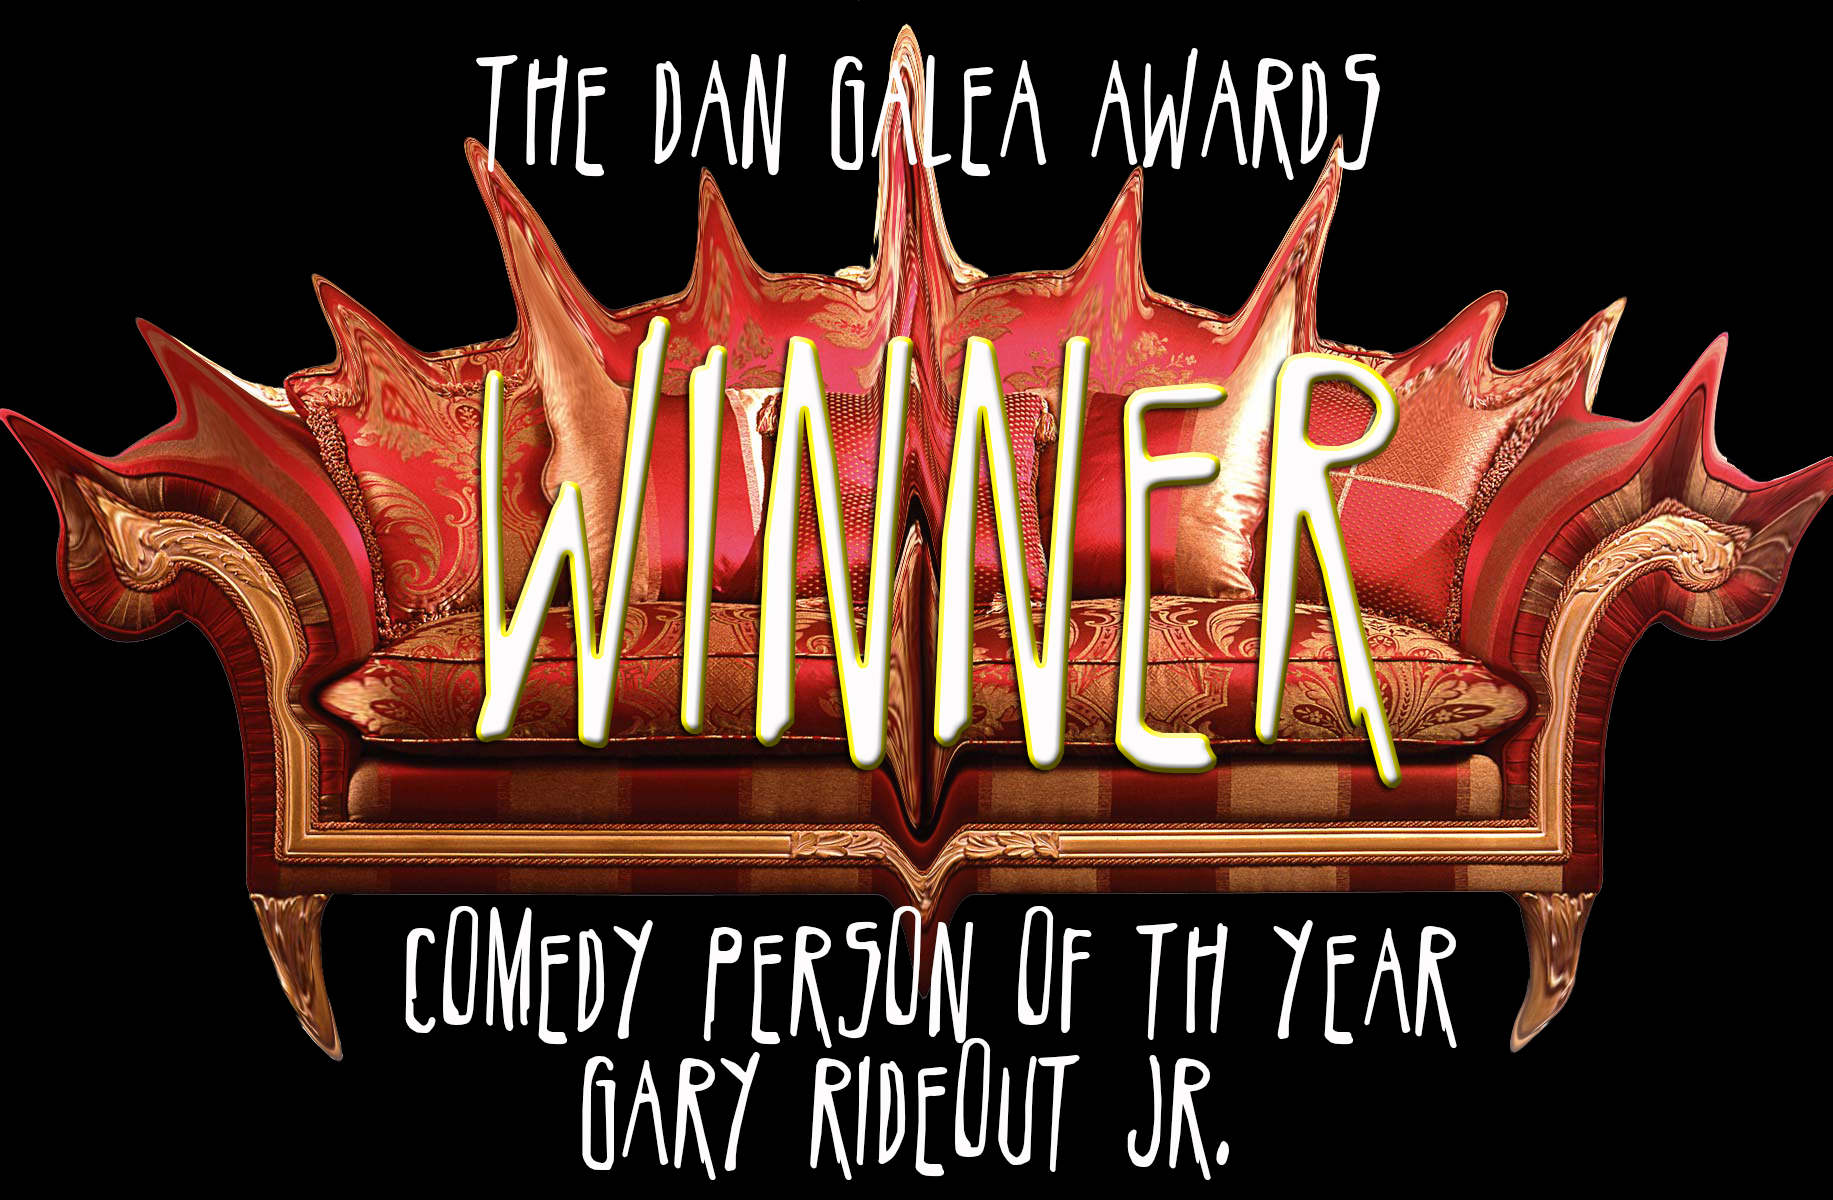 DGAWARDS Gary Rideout.jpg